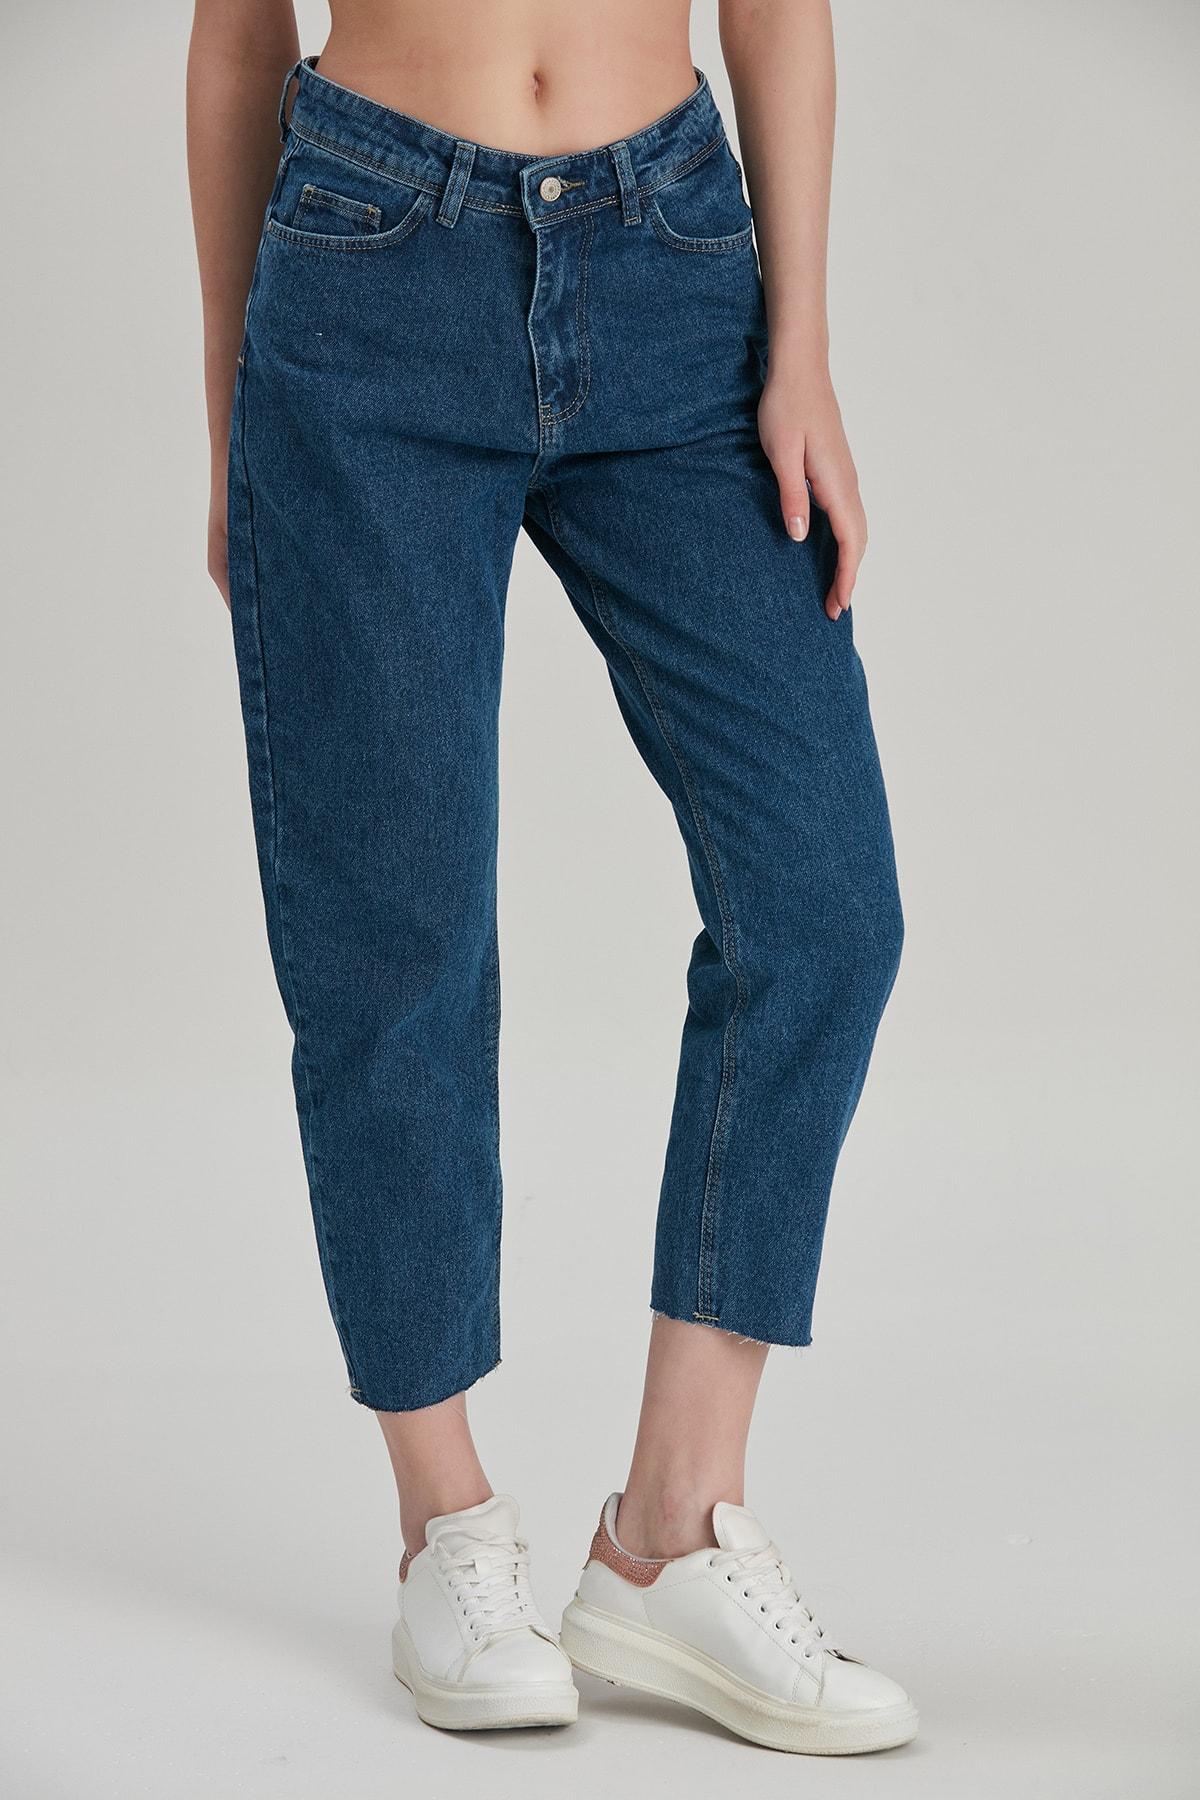 Modaca Kadın Lacivert Mom Style Paça Kesik Detay Jean 2